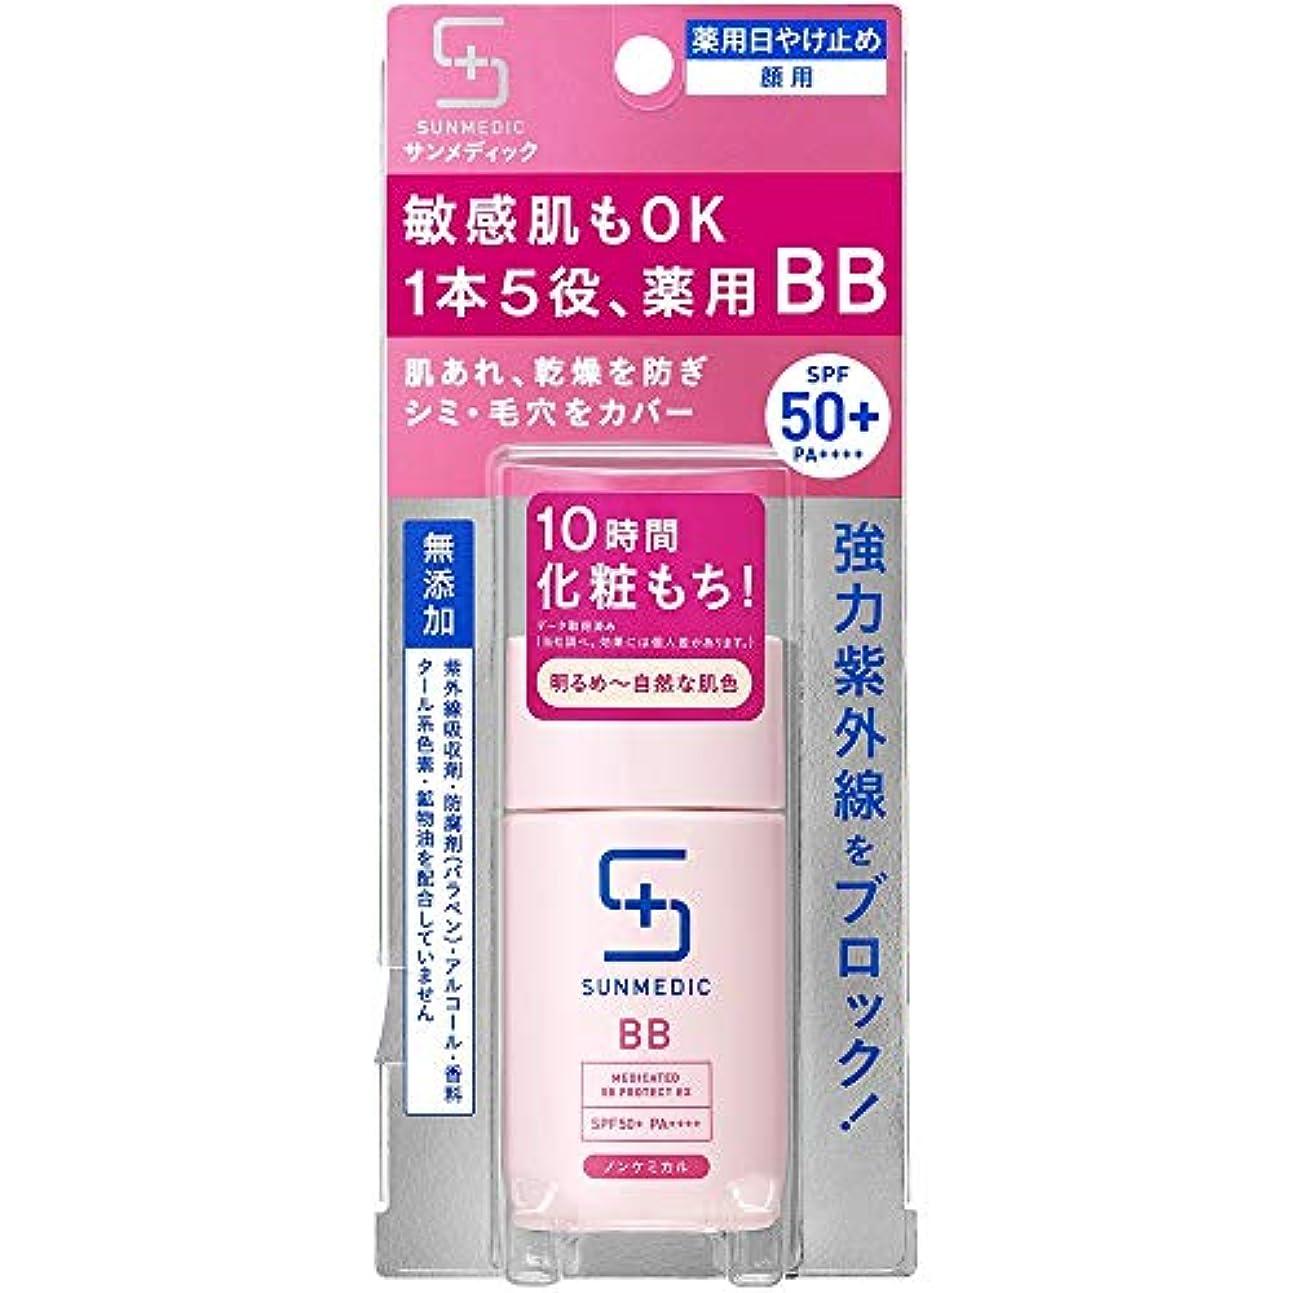 鳴り響くアメリカ居間サンメディックUV 薬用BBプロテクトEX ライト 30ml (医薬部外品)